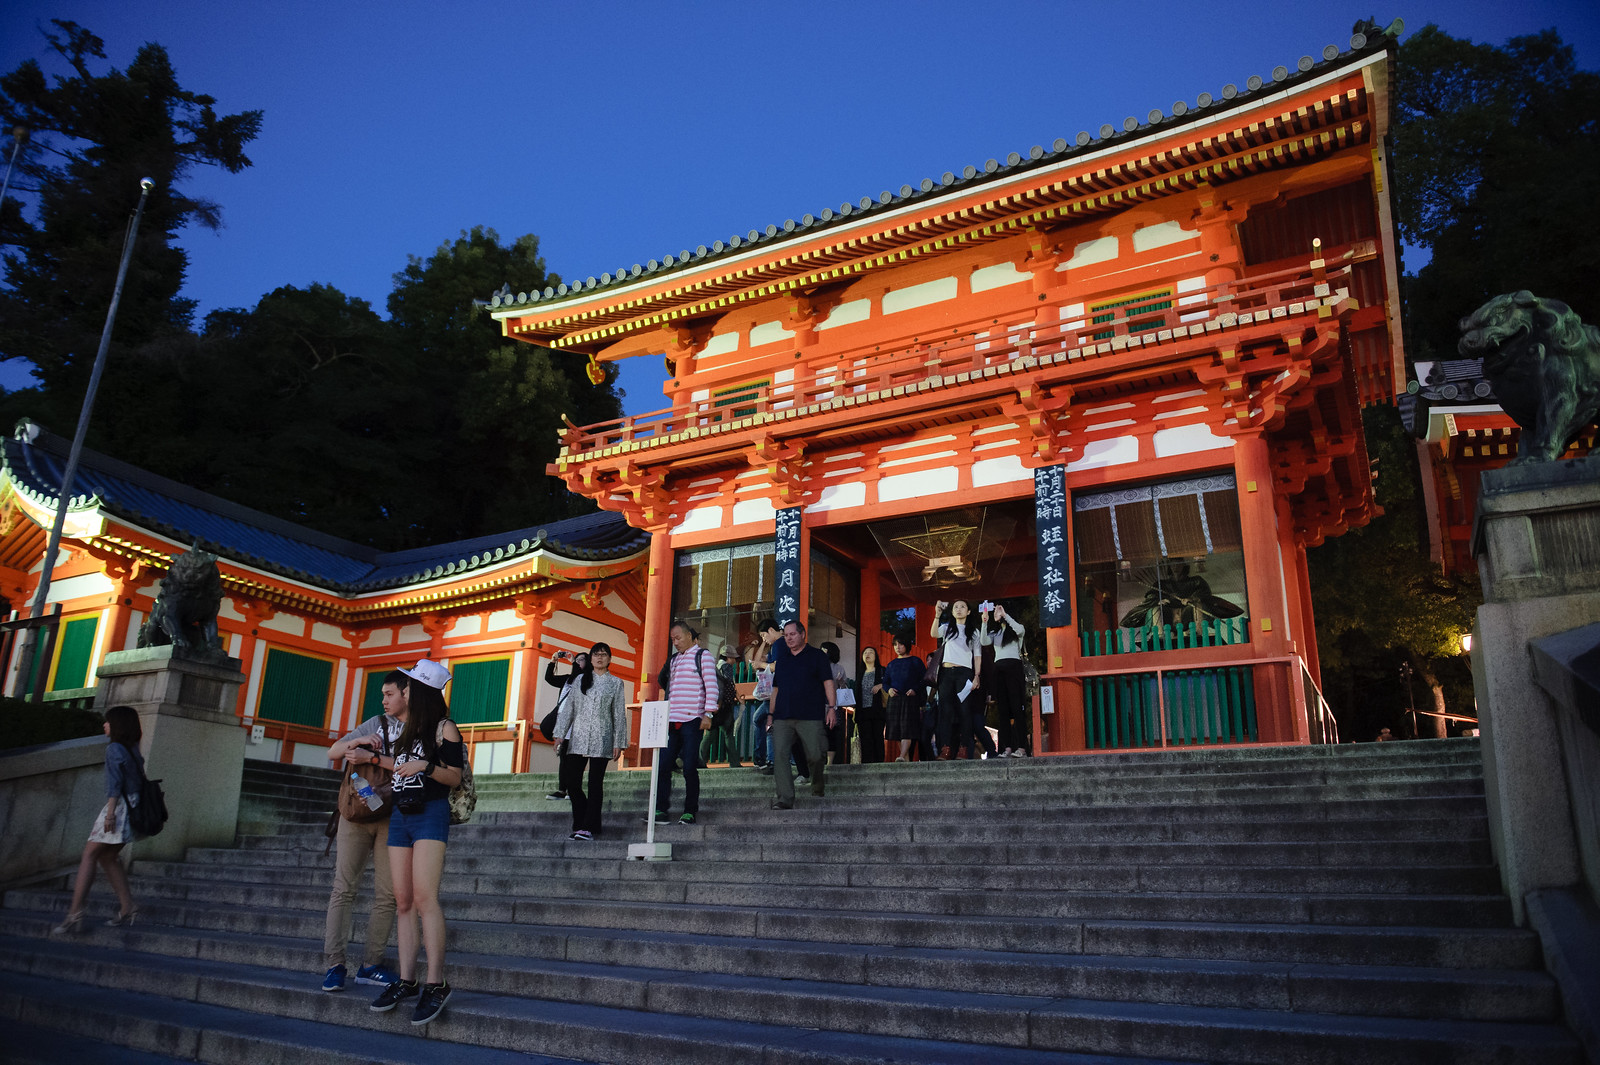 2015VQ@Kyoto-528